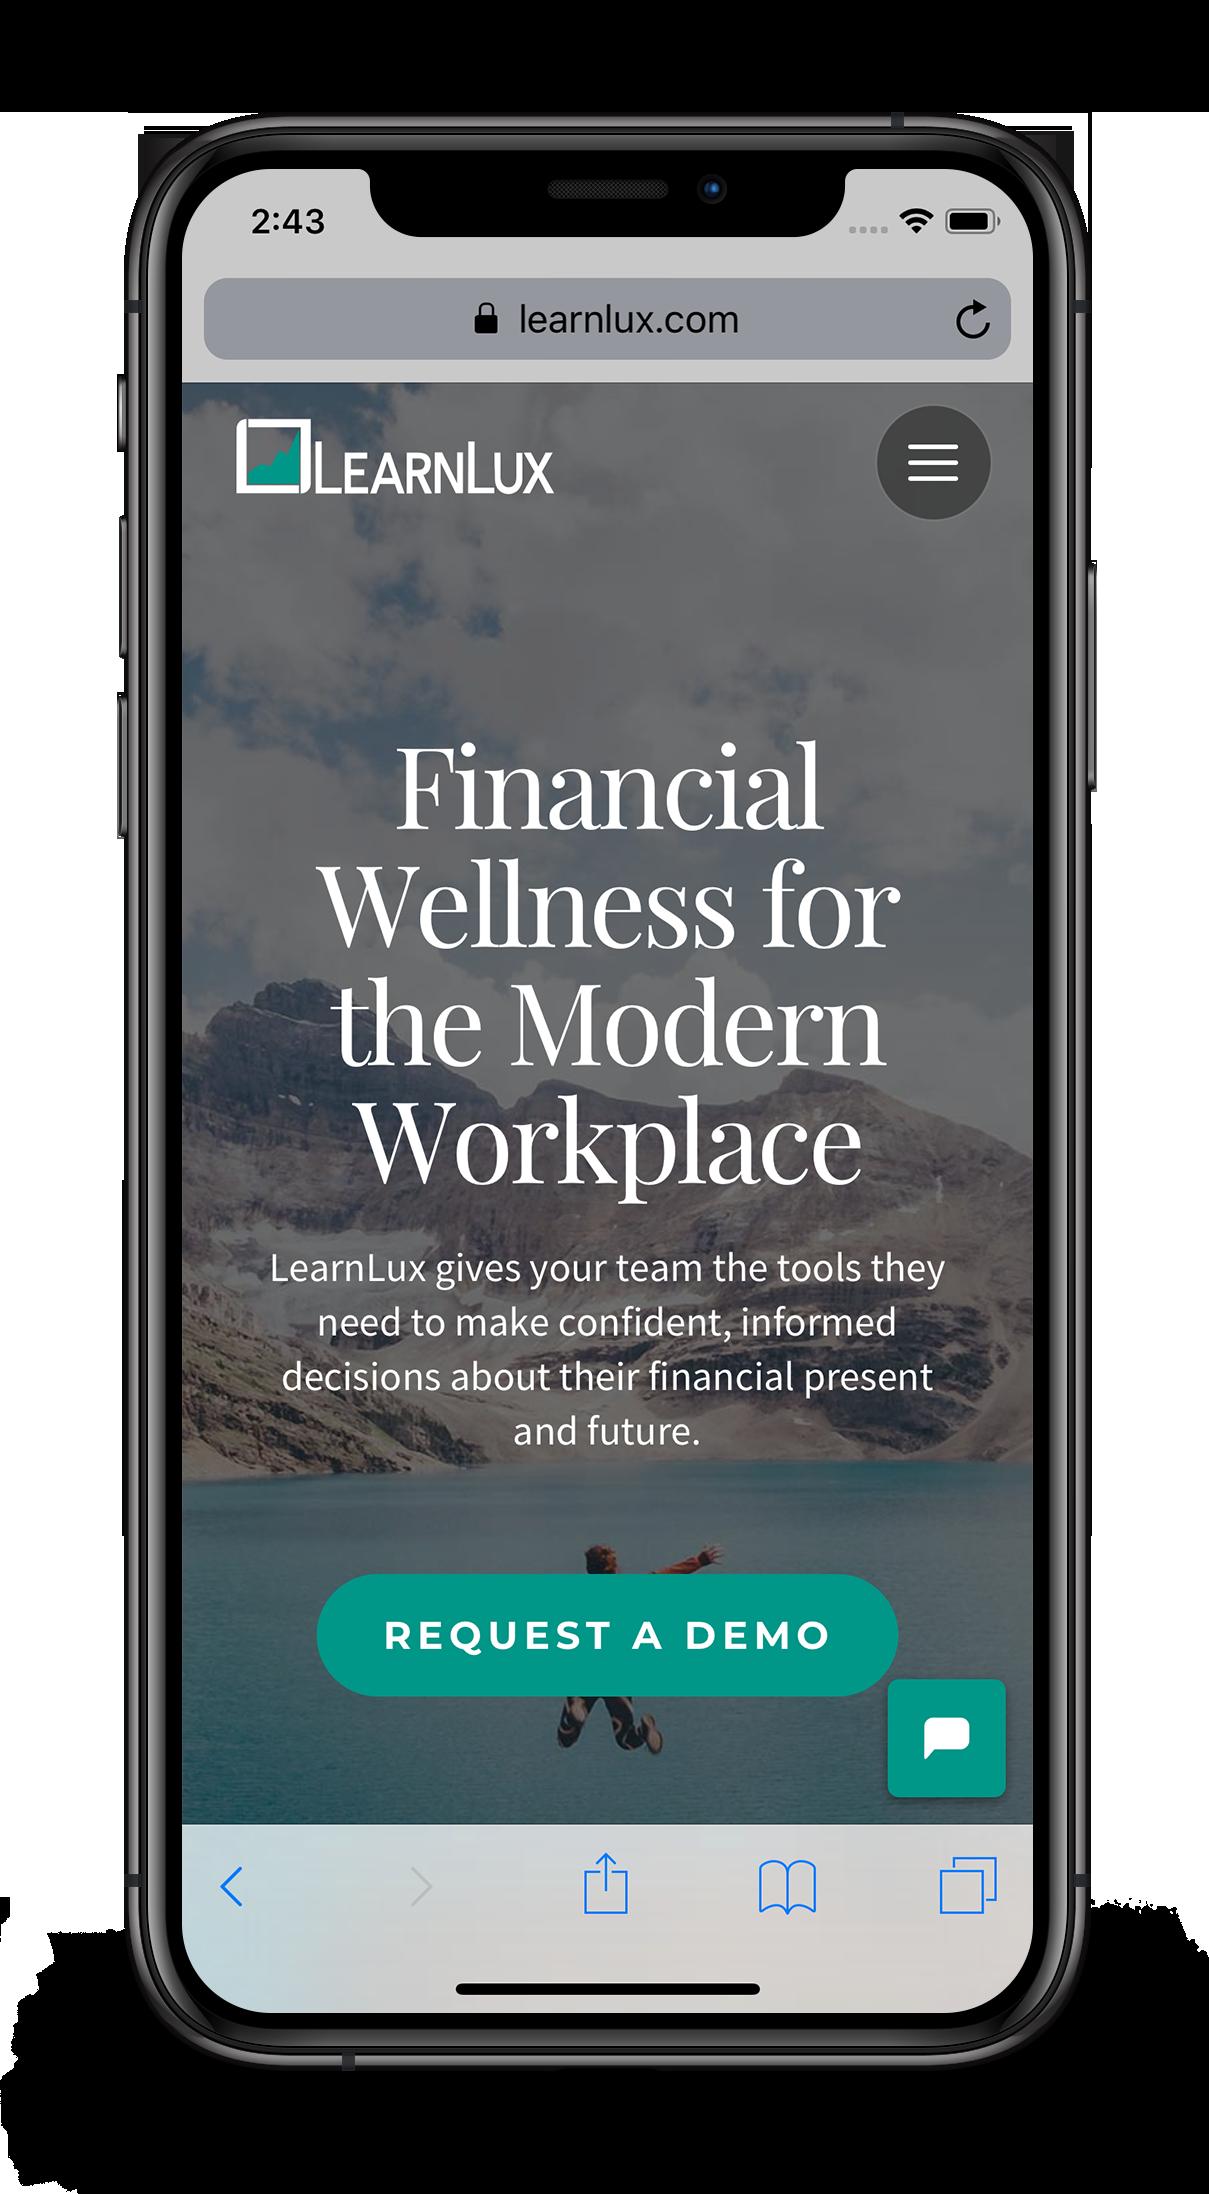 learnlux solleva 2 milioni da sound ventures marc benioff per aiutare i dipendenti a prendere decisioni finanziarie - LearnLux solleva $ 2 milioni da Sound Ventures, Marc Benioff per aiutare i dipendenti a prendere decisioni finanziarie